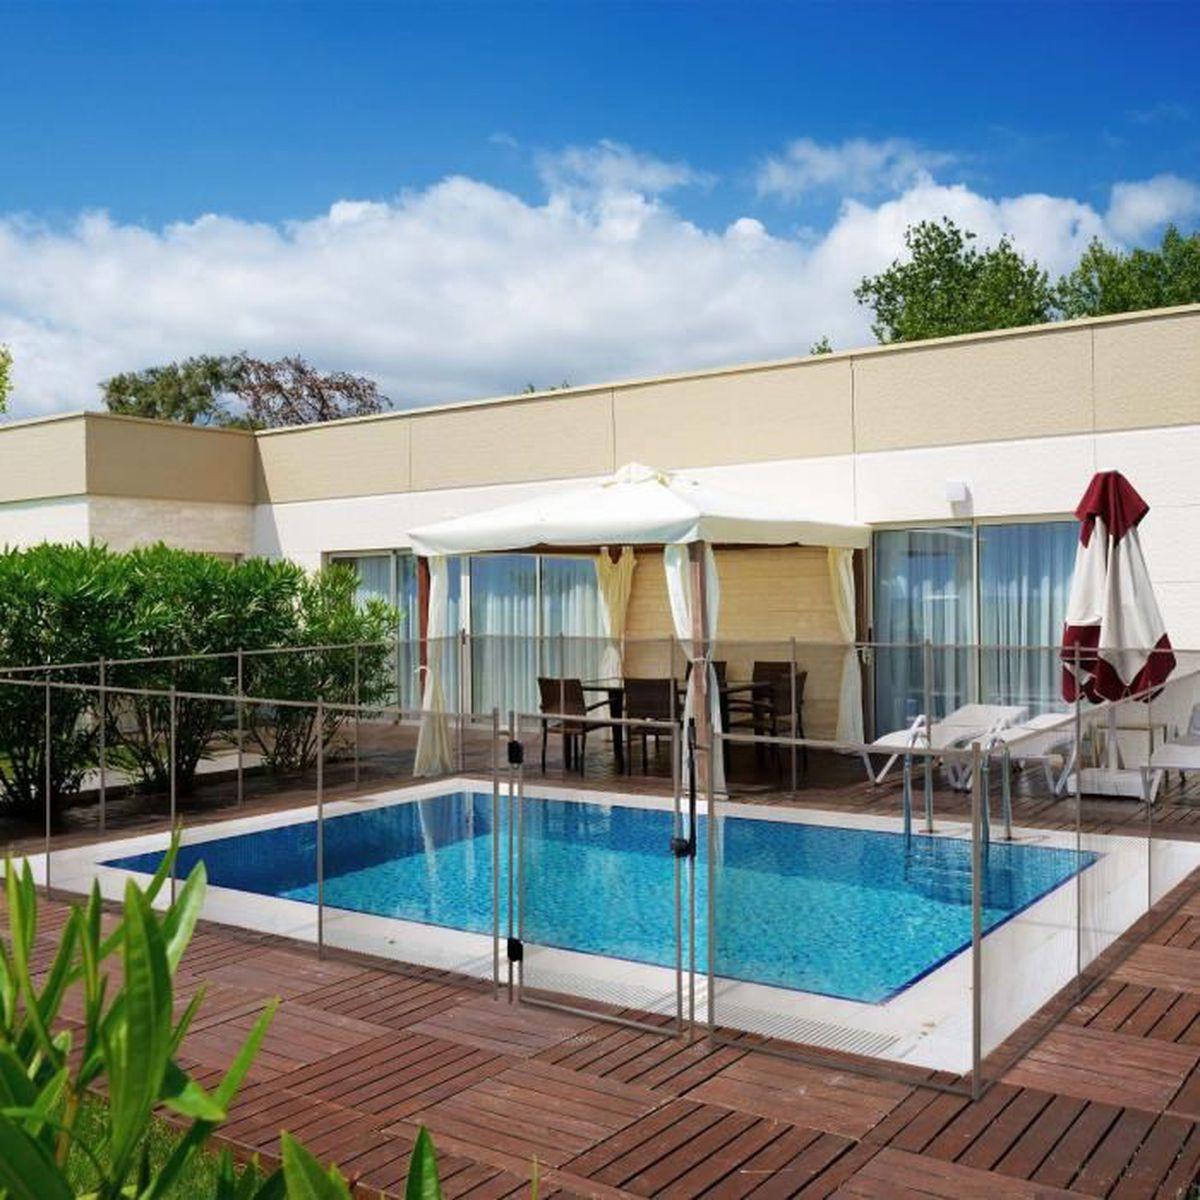 Cl ture de s curit pour piscine 3 m tres couleur sable for Piscine demontable